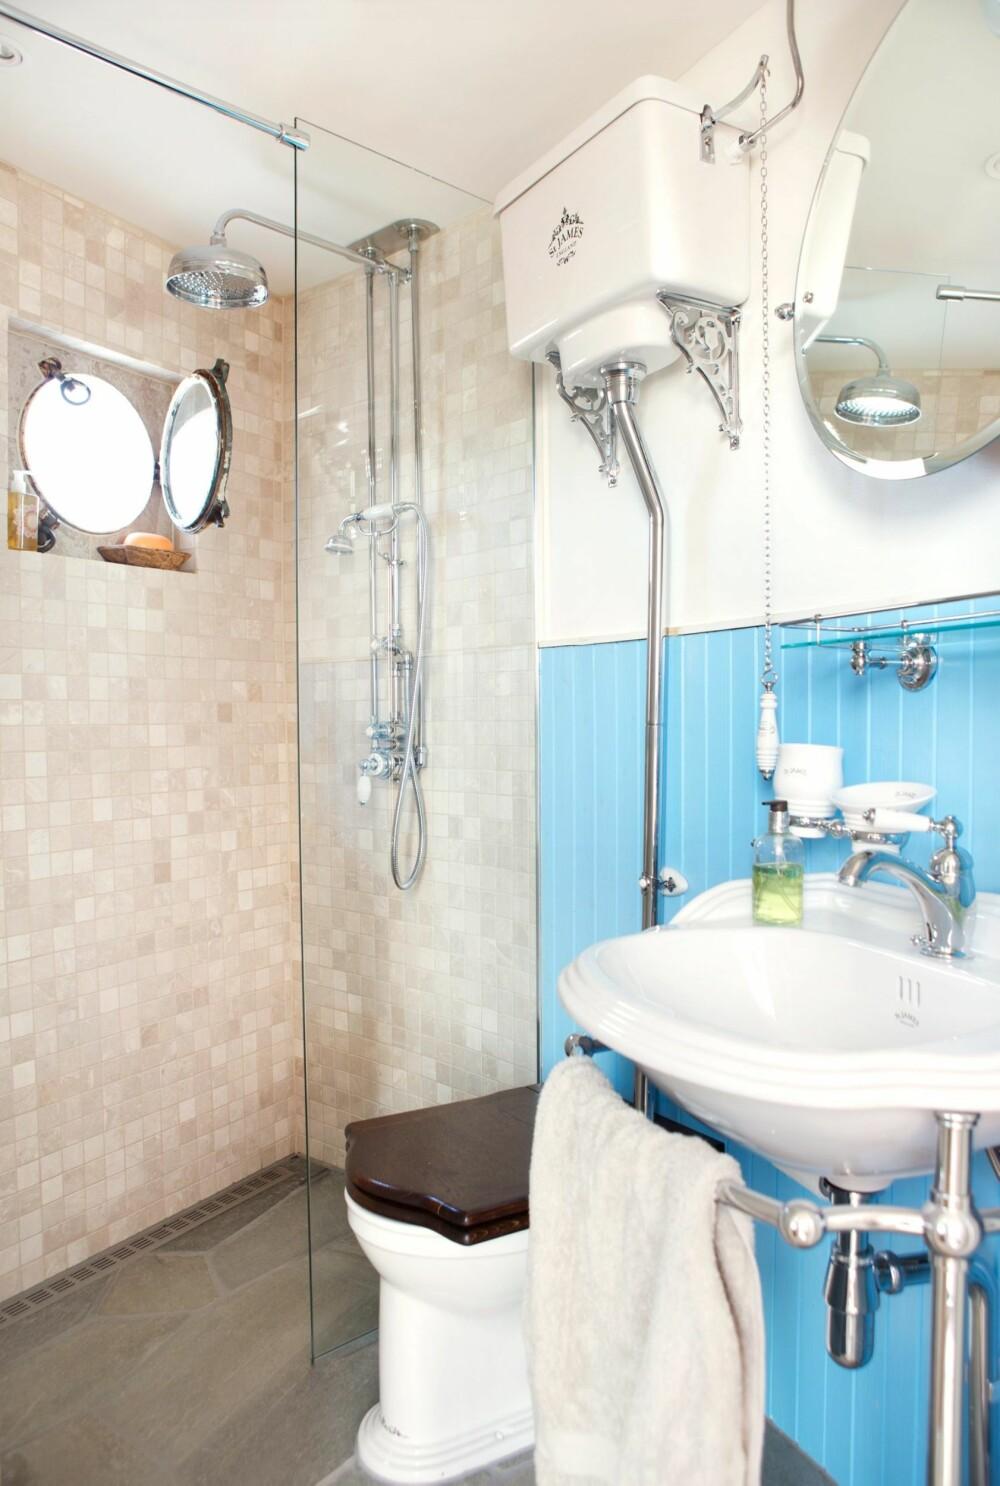 INNLAGT VANN: På badet er det lagt inn et gammelt skipsvindu, og gammeldags baderomsinnredning levert av engelske Old Fashion Bathrooms. Havblå vegg og sandfargede fliser harmonerer med omgivelsene utenfor. Styling: Tone Kroken.